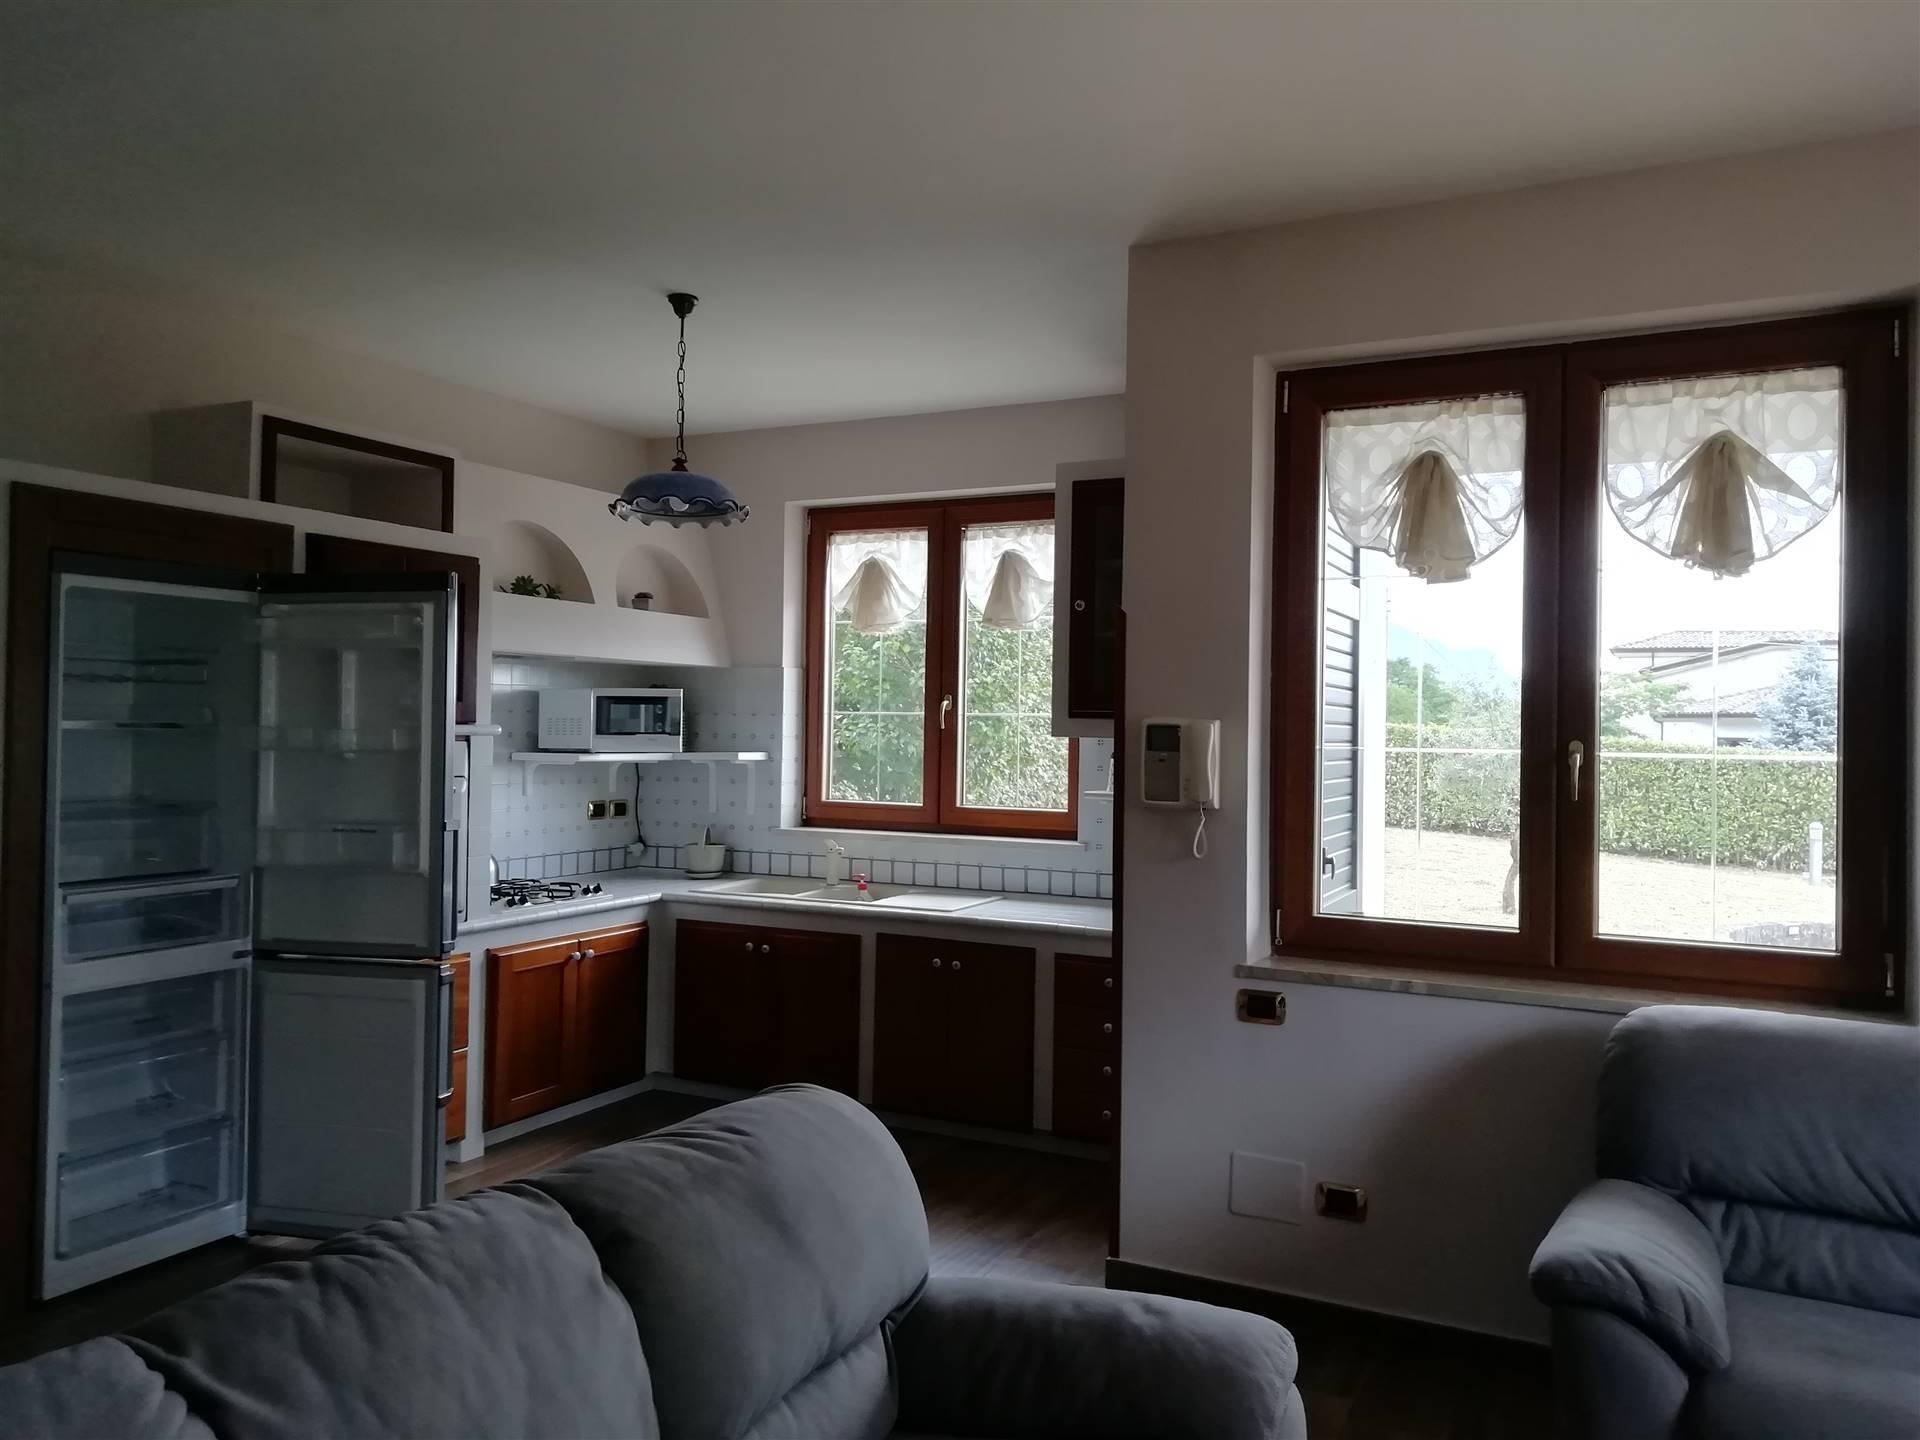 Villa in vendita a San Michele di Serino, 4 locali, zona Zona: Madonna delle Grazie, prezzo € 159.000 | CambioCasa.it